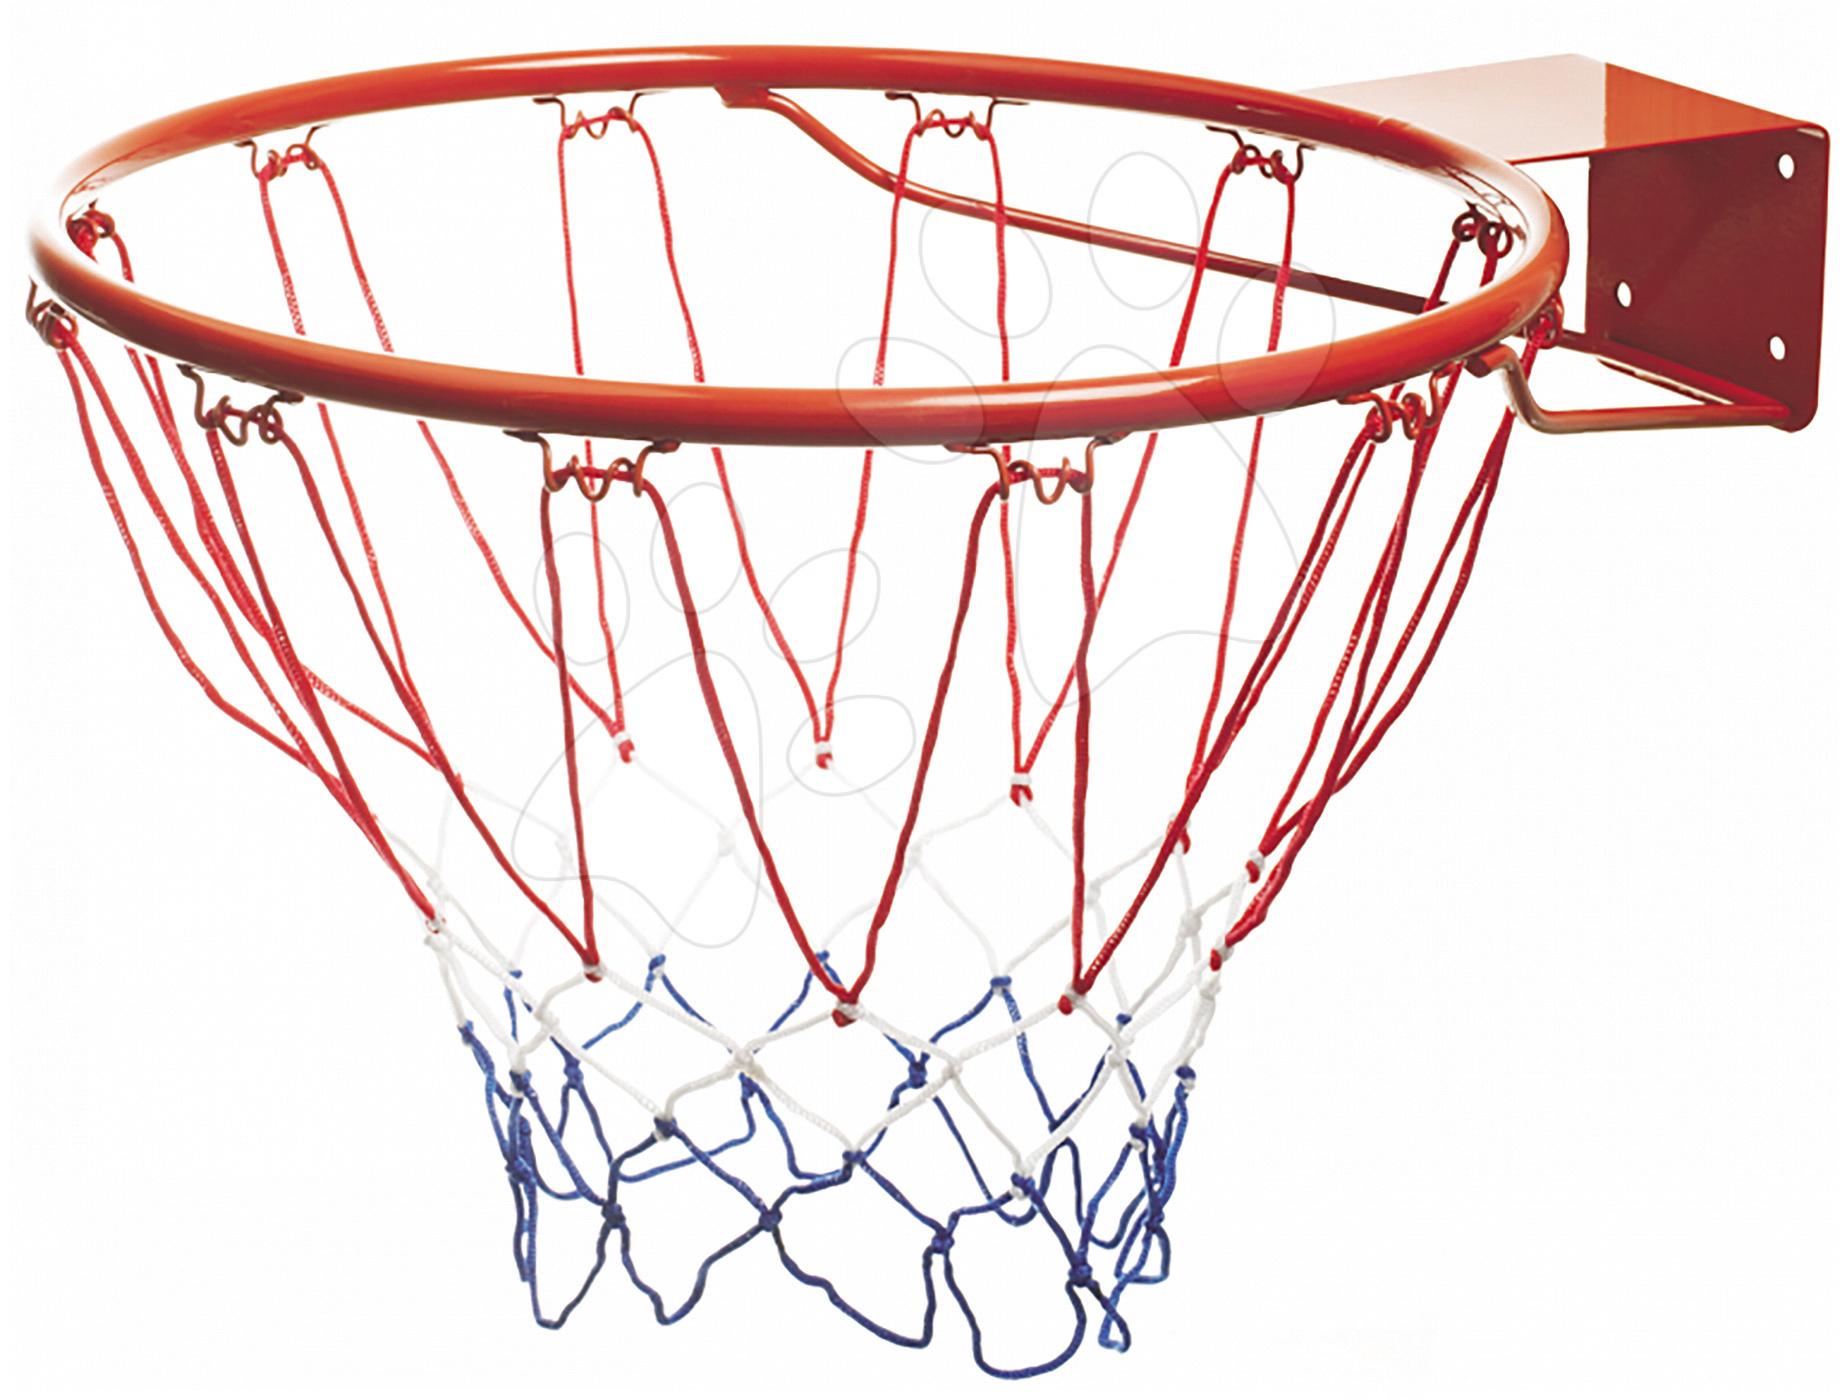 Mondo basketbalový závesný kôš 18299 červený